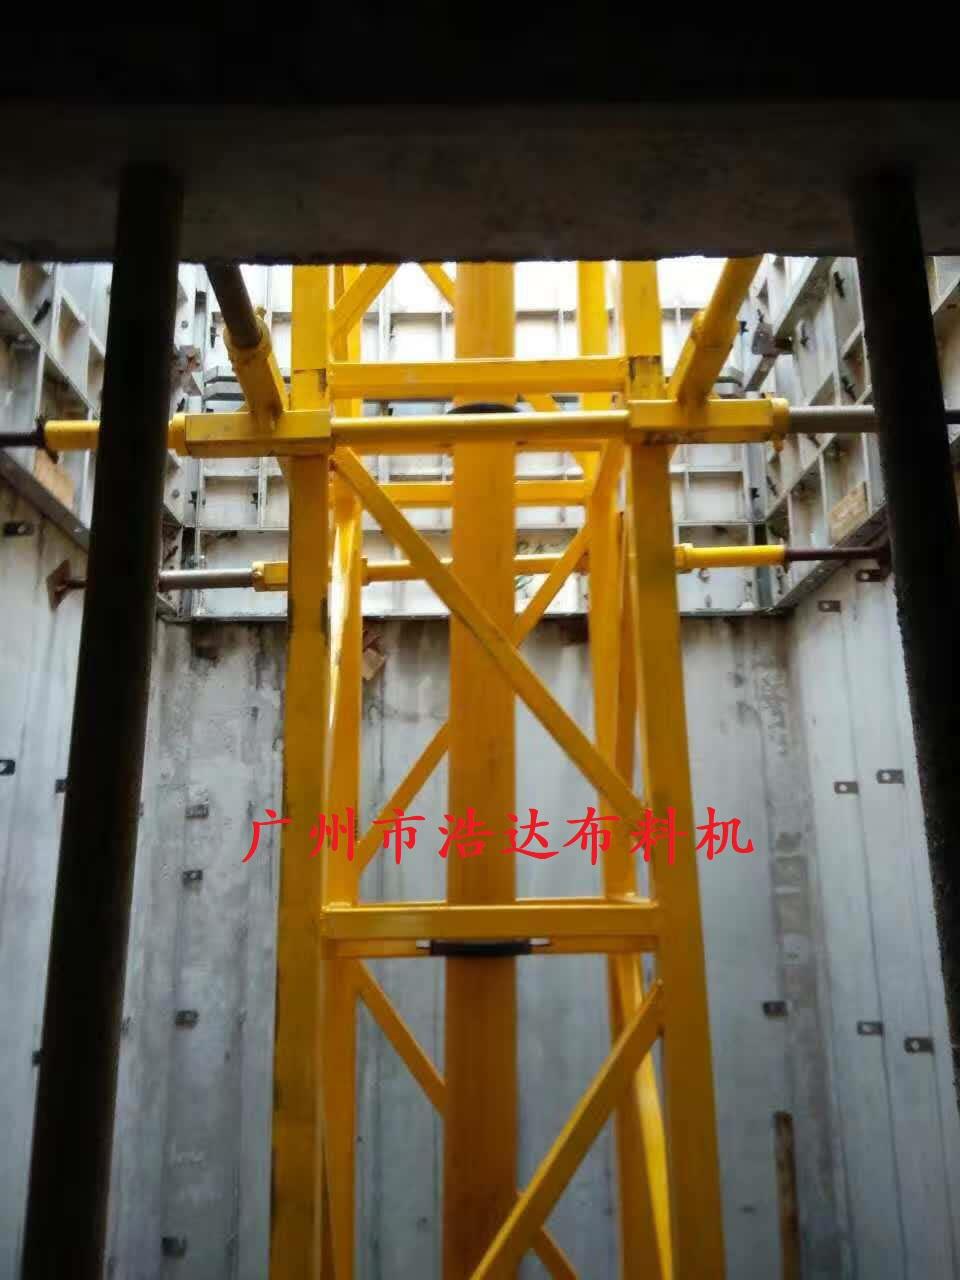 電梯井底座